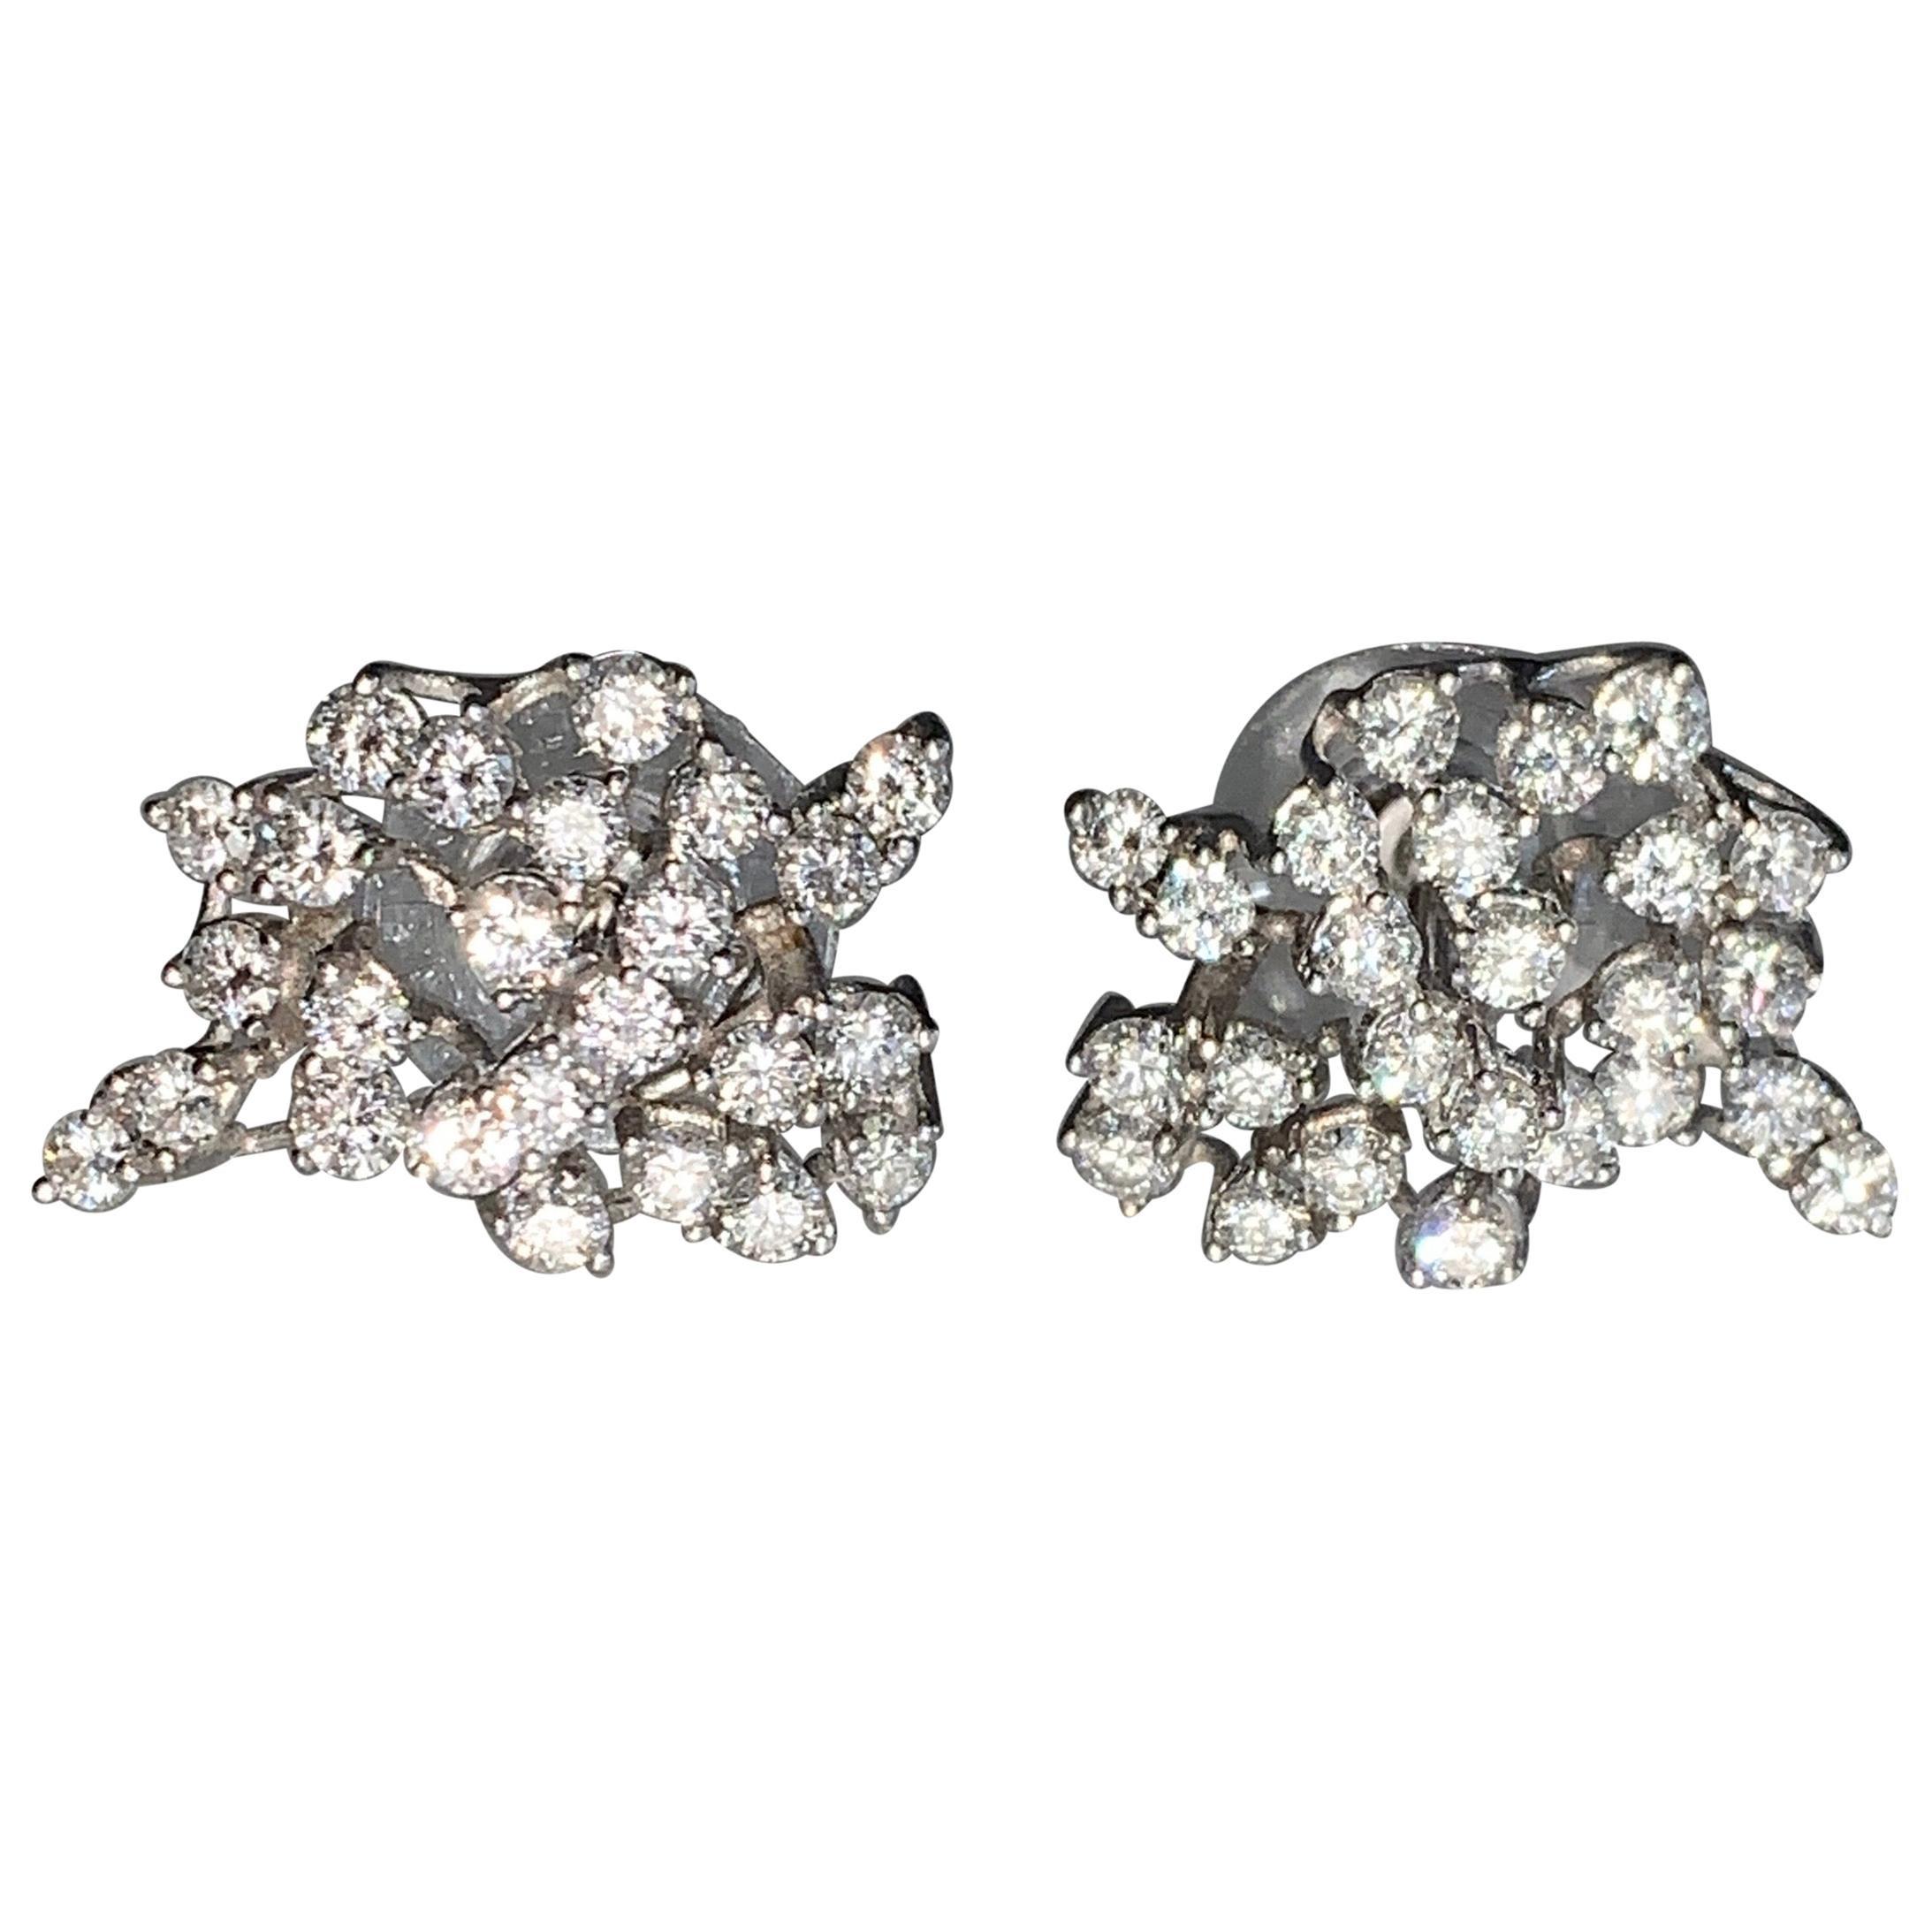 Gemolithos, Vintage Diamond Earrings, 1960s